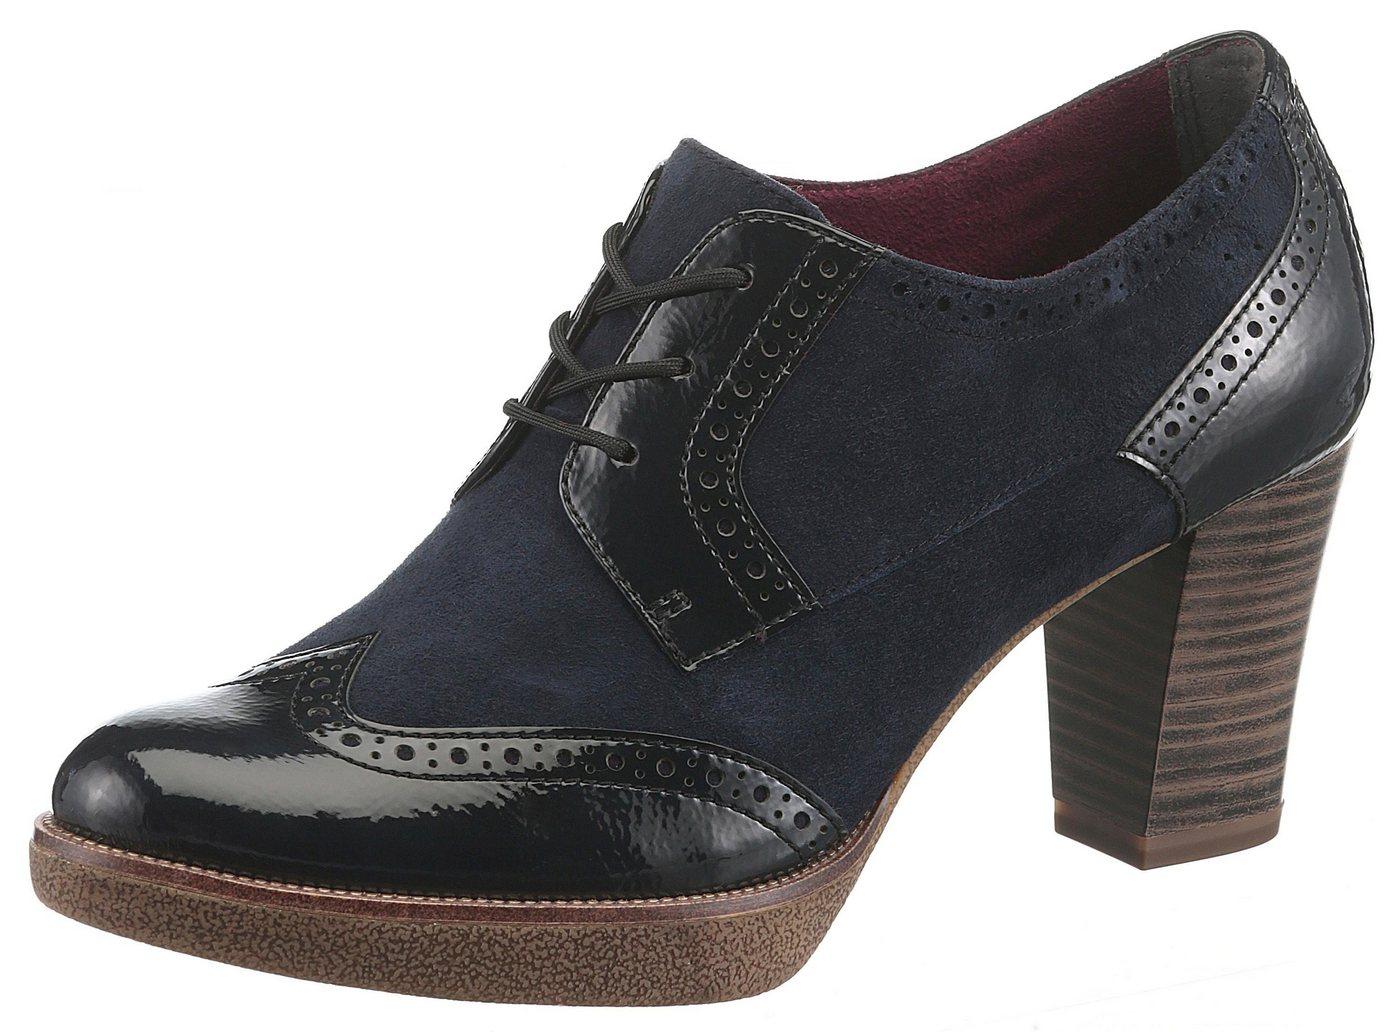 Tamaris »Fee« Schnürpumps mit eleganter Lyralochung | Schuhe > Pumps > Schnürpumps | Blau | Tamaris